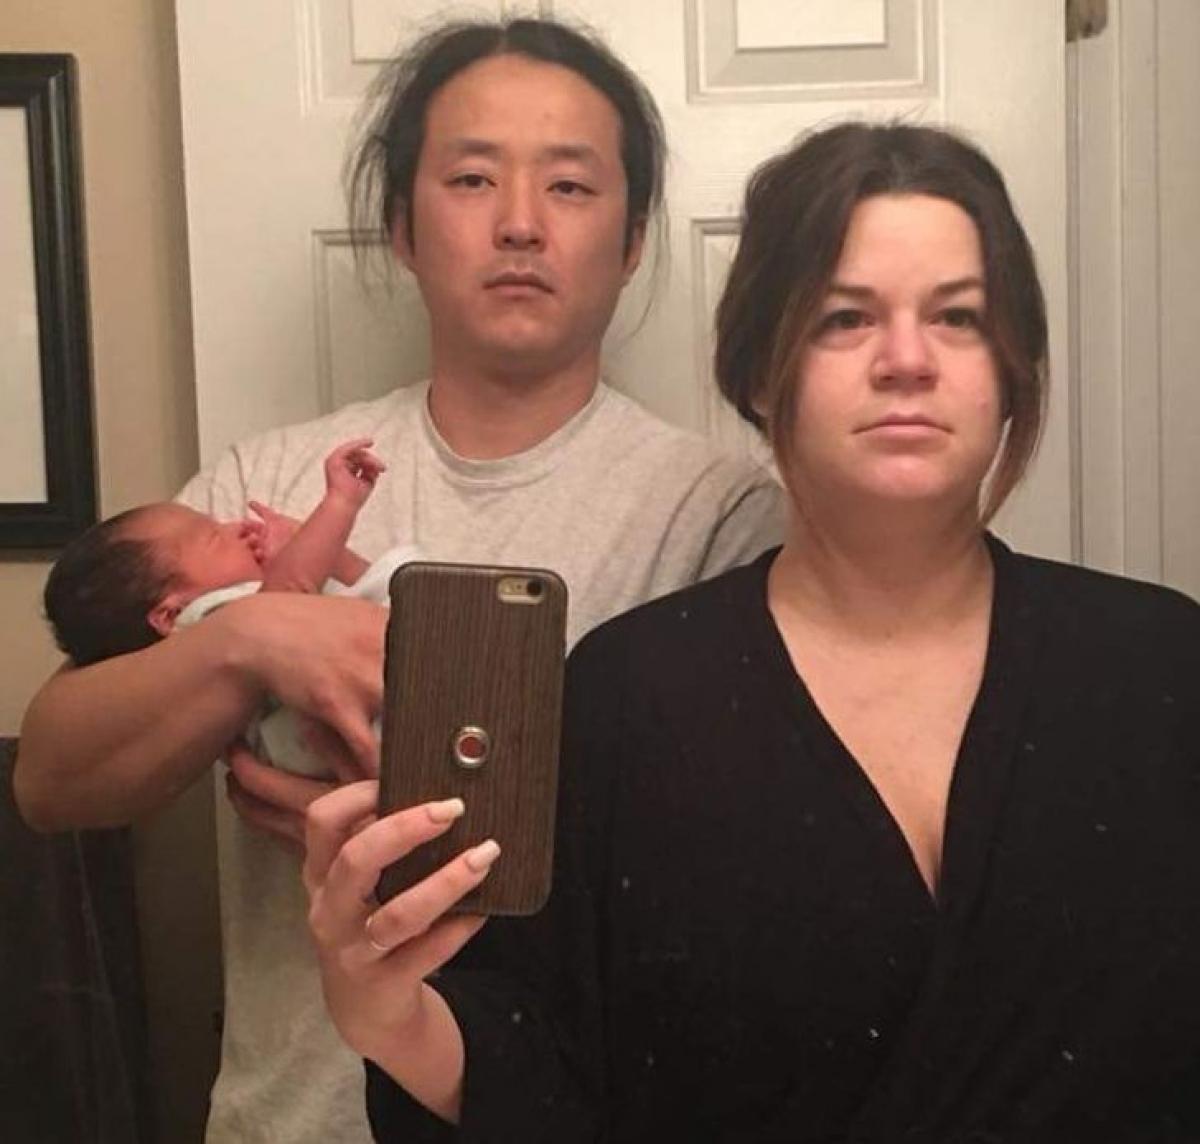 Gương mặt phờ phạc của hai người bạn thời đại học của tôi khi họ có con./.